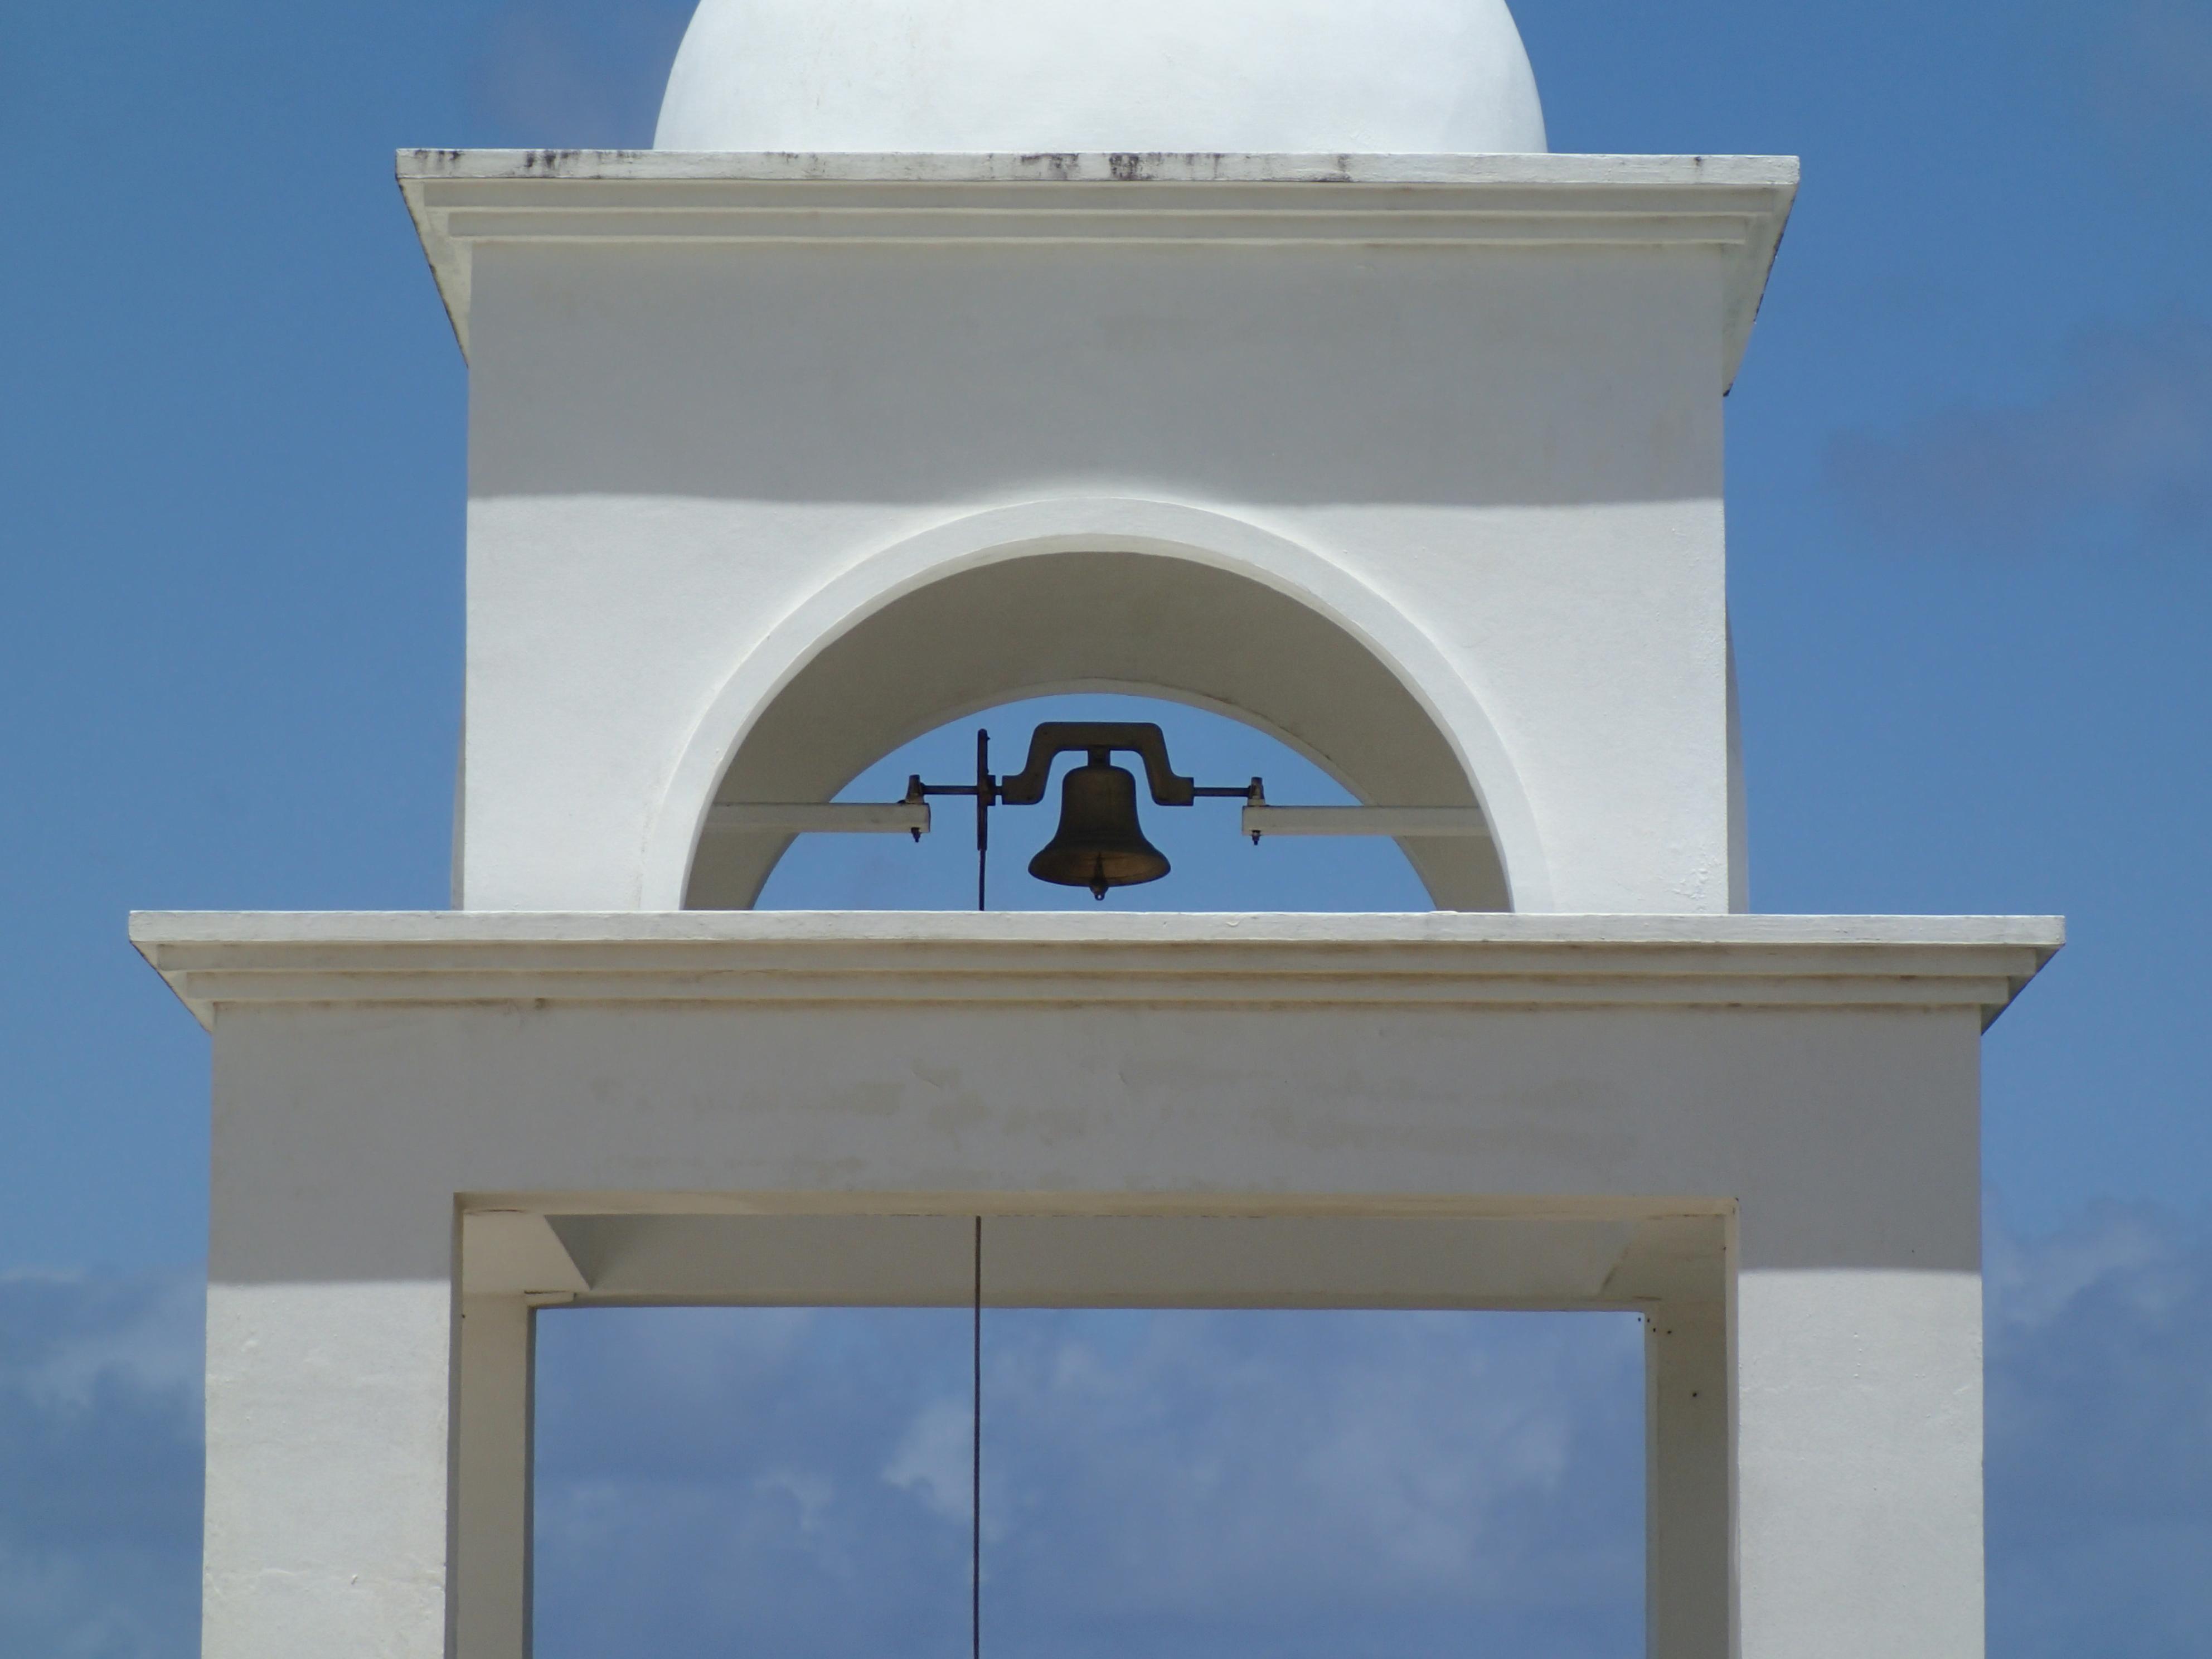 ホテル内にあるチャペルの鐘。左から広角端(25mm相当)、望遠端(100mm相当)、テレコンバーターレンズTCON-01装着時の望遠端(170mm相当)。TCON-01は、遠くのランドマークなどを大きく写したいときに使える